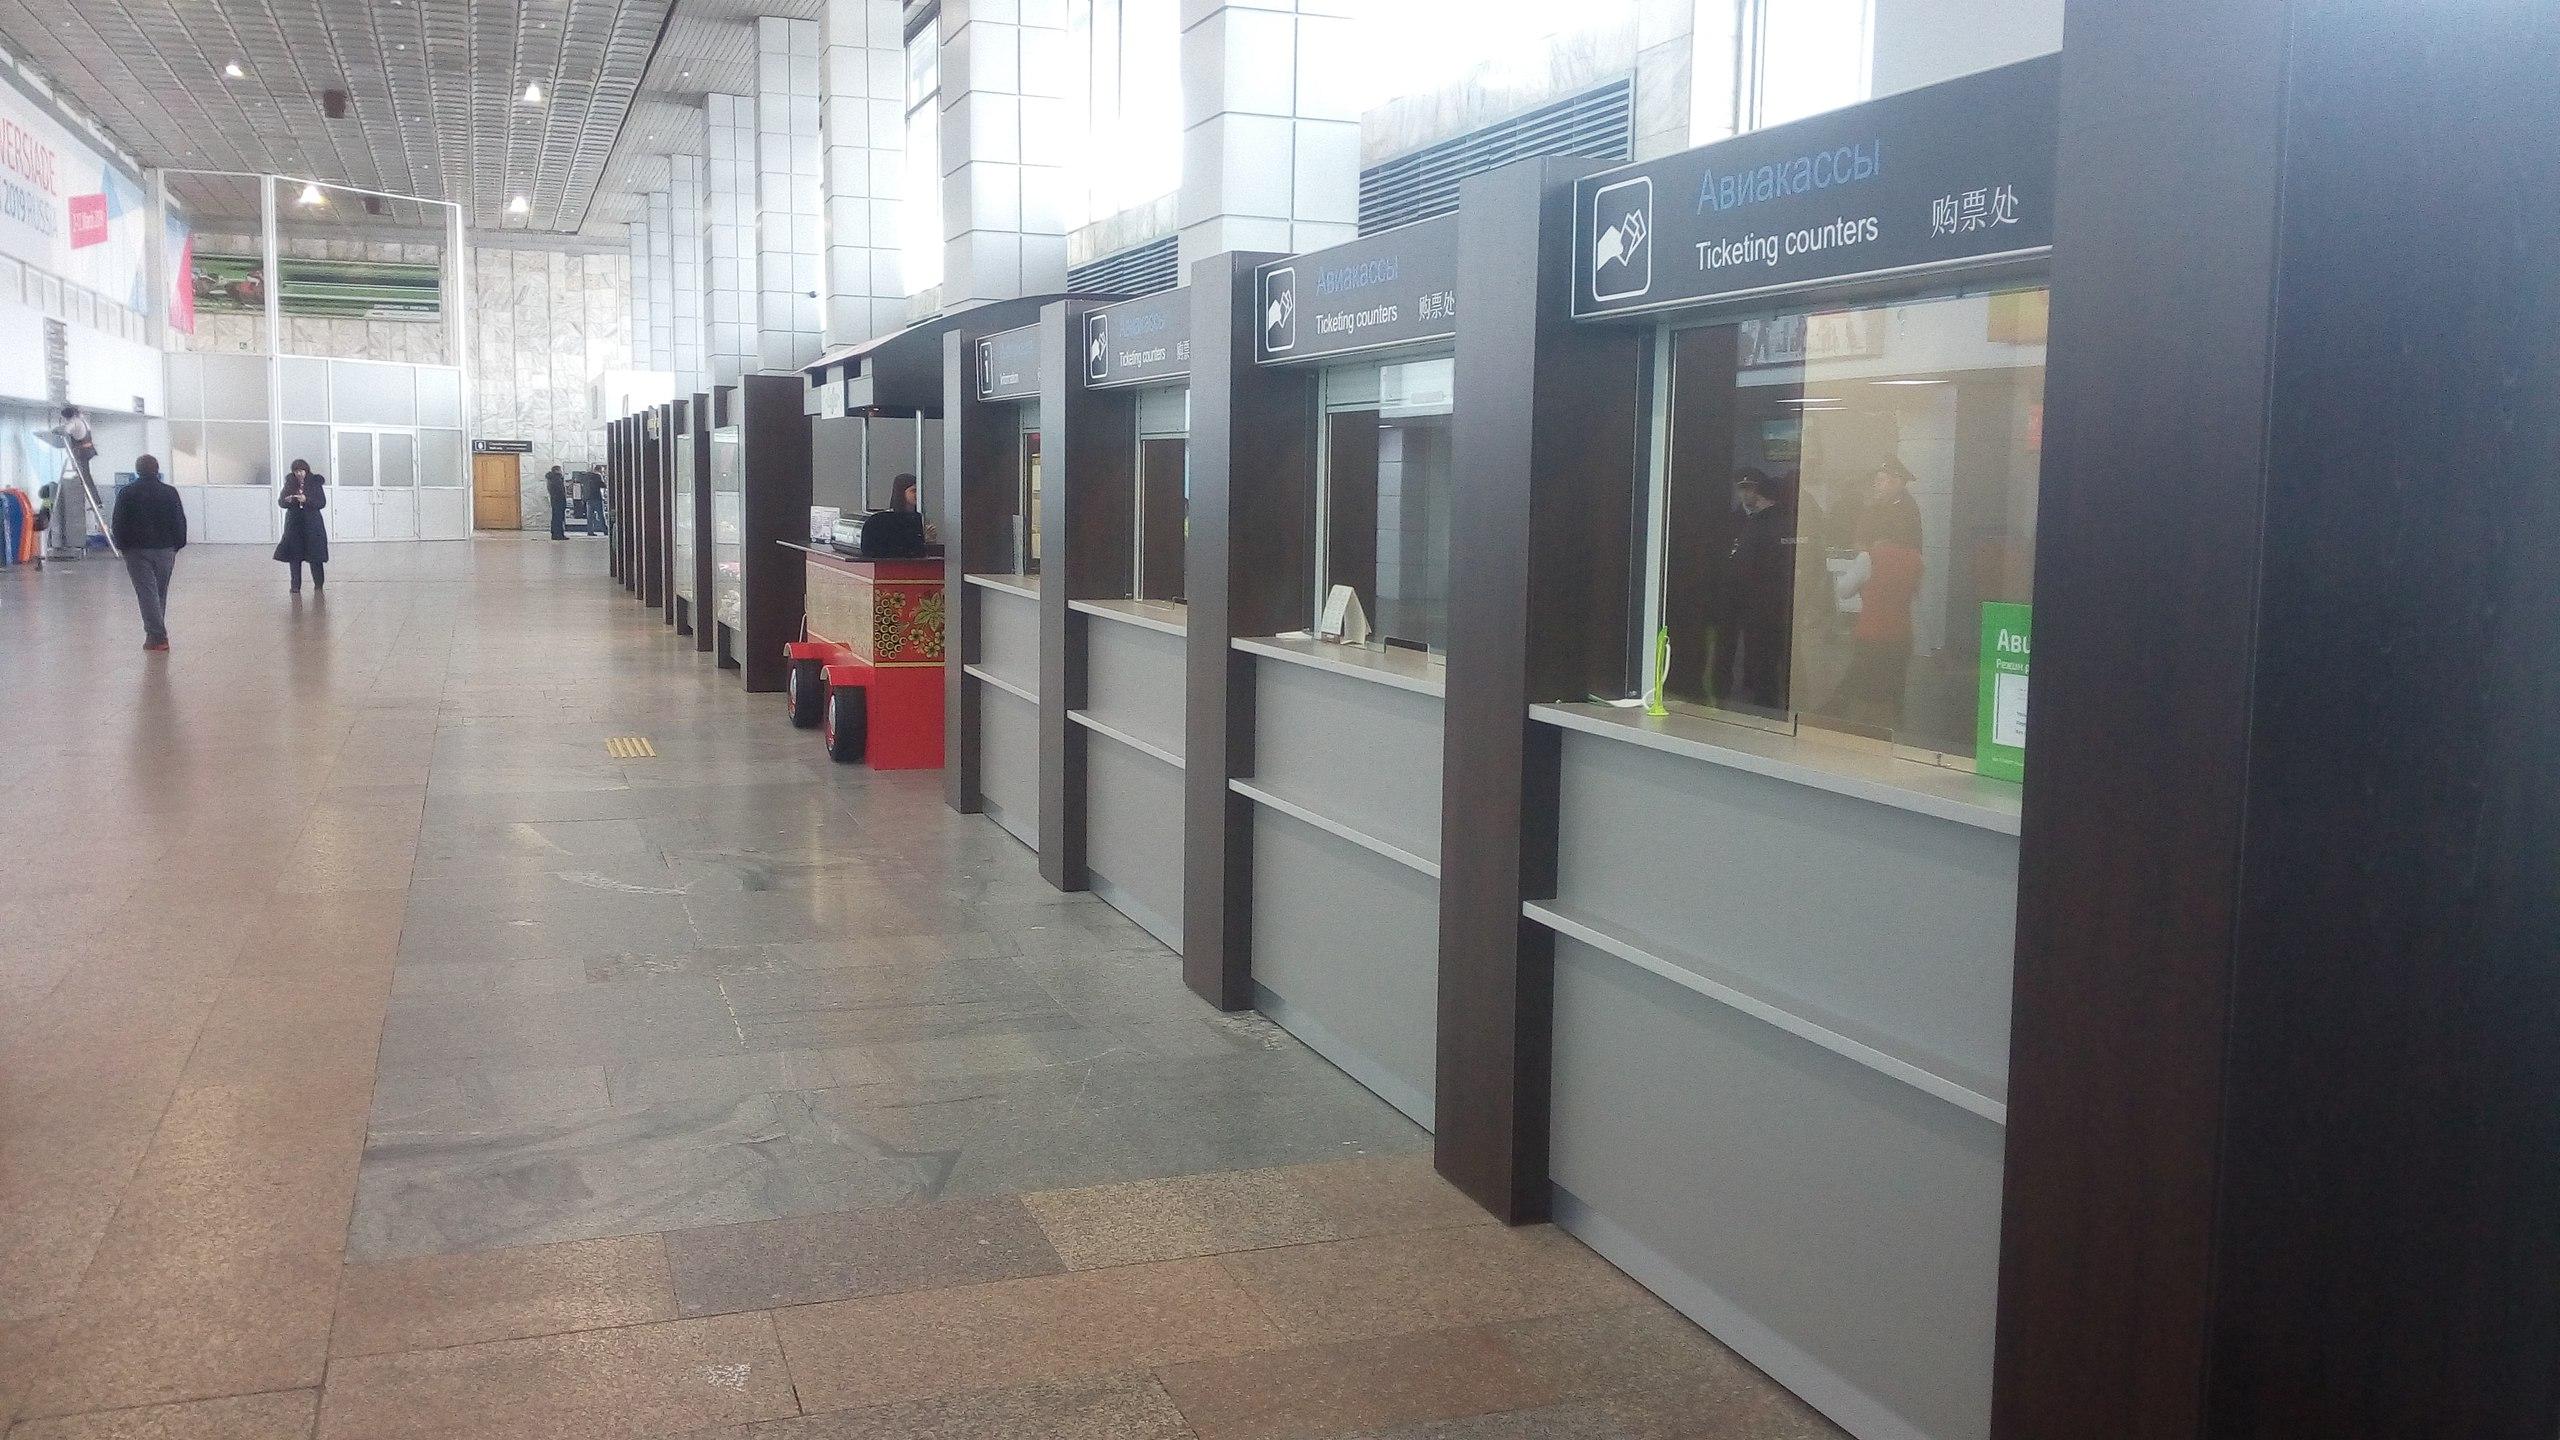 Аэропорт аликанте табло вылета емельяново